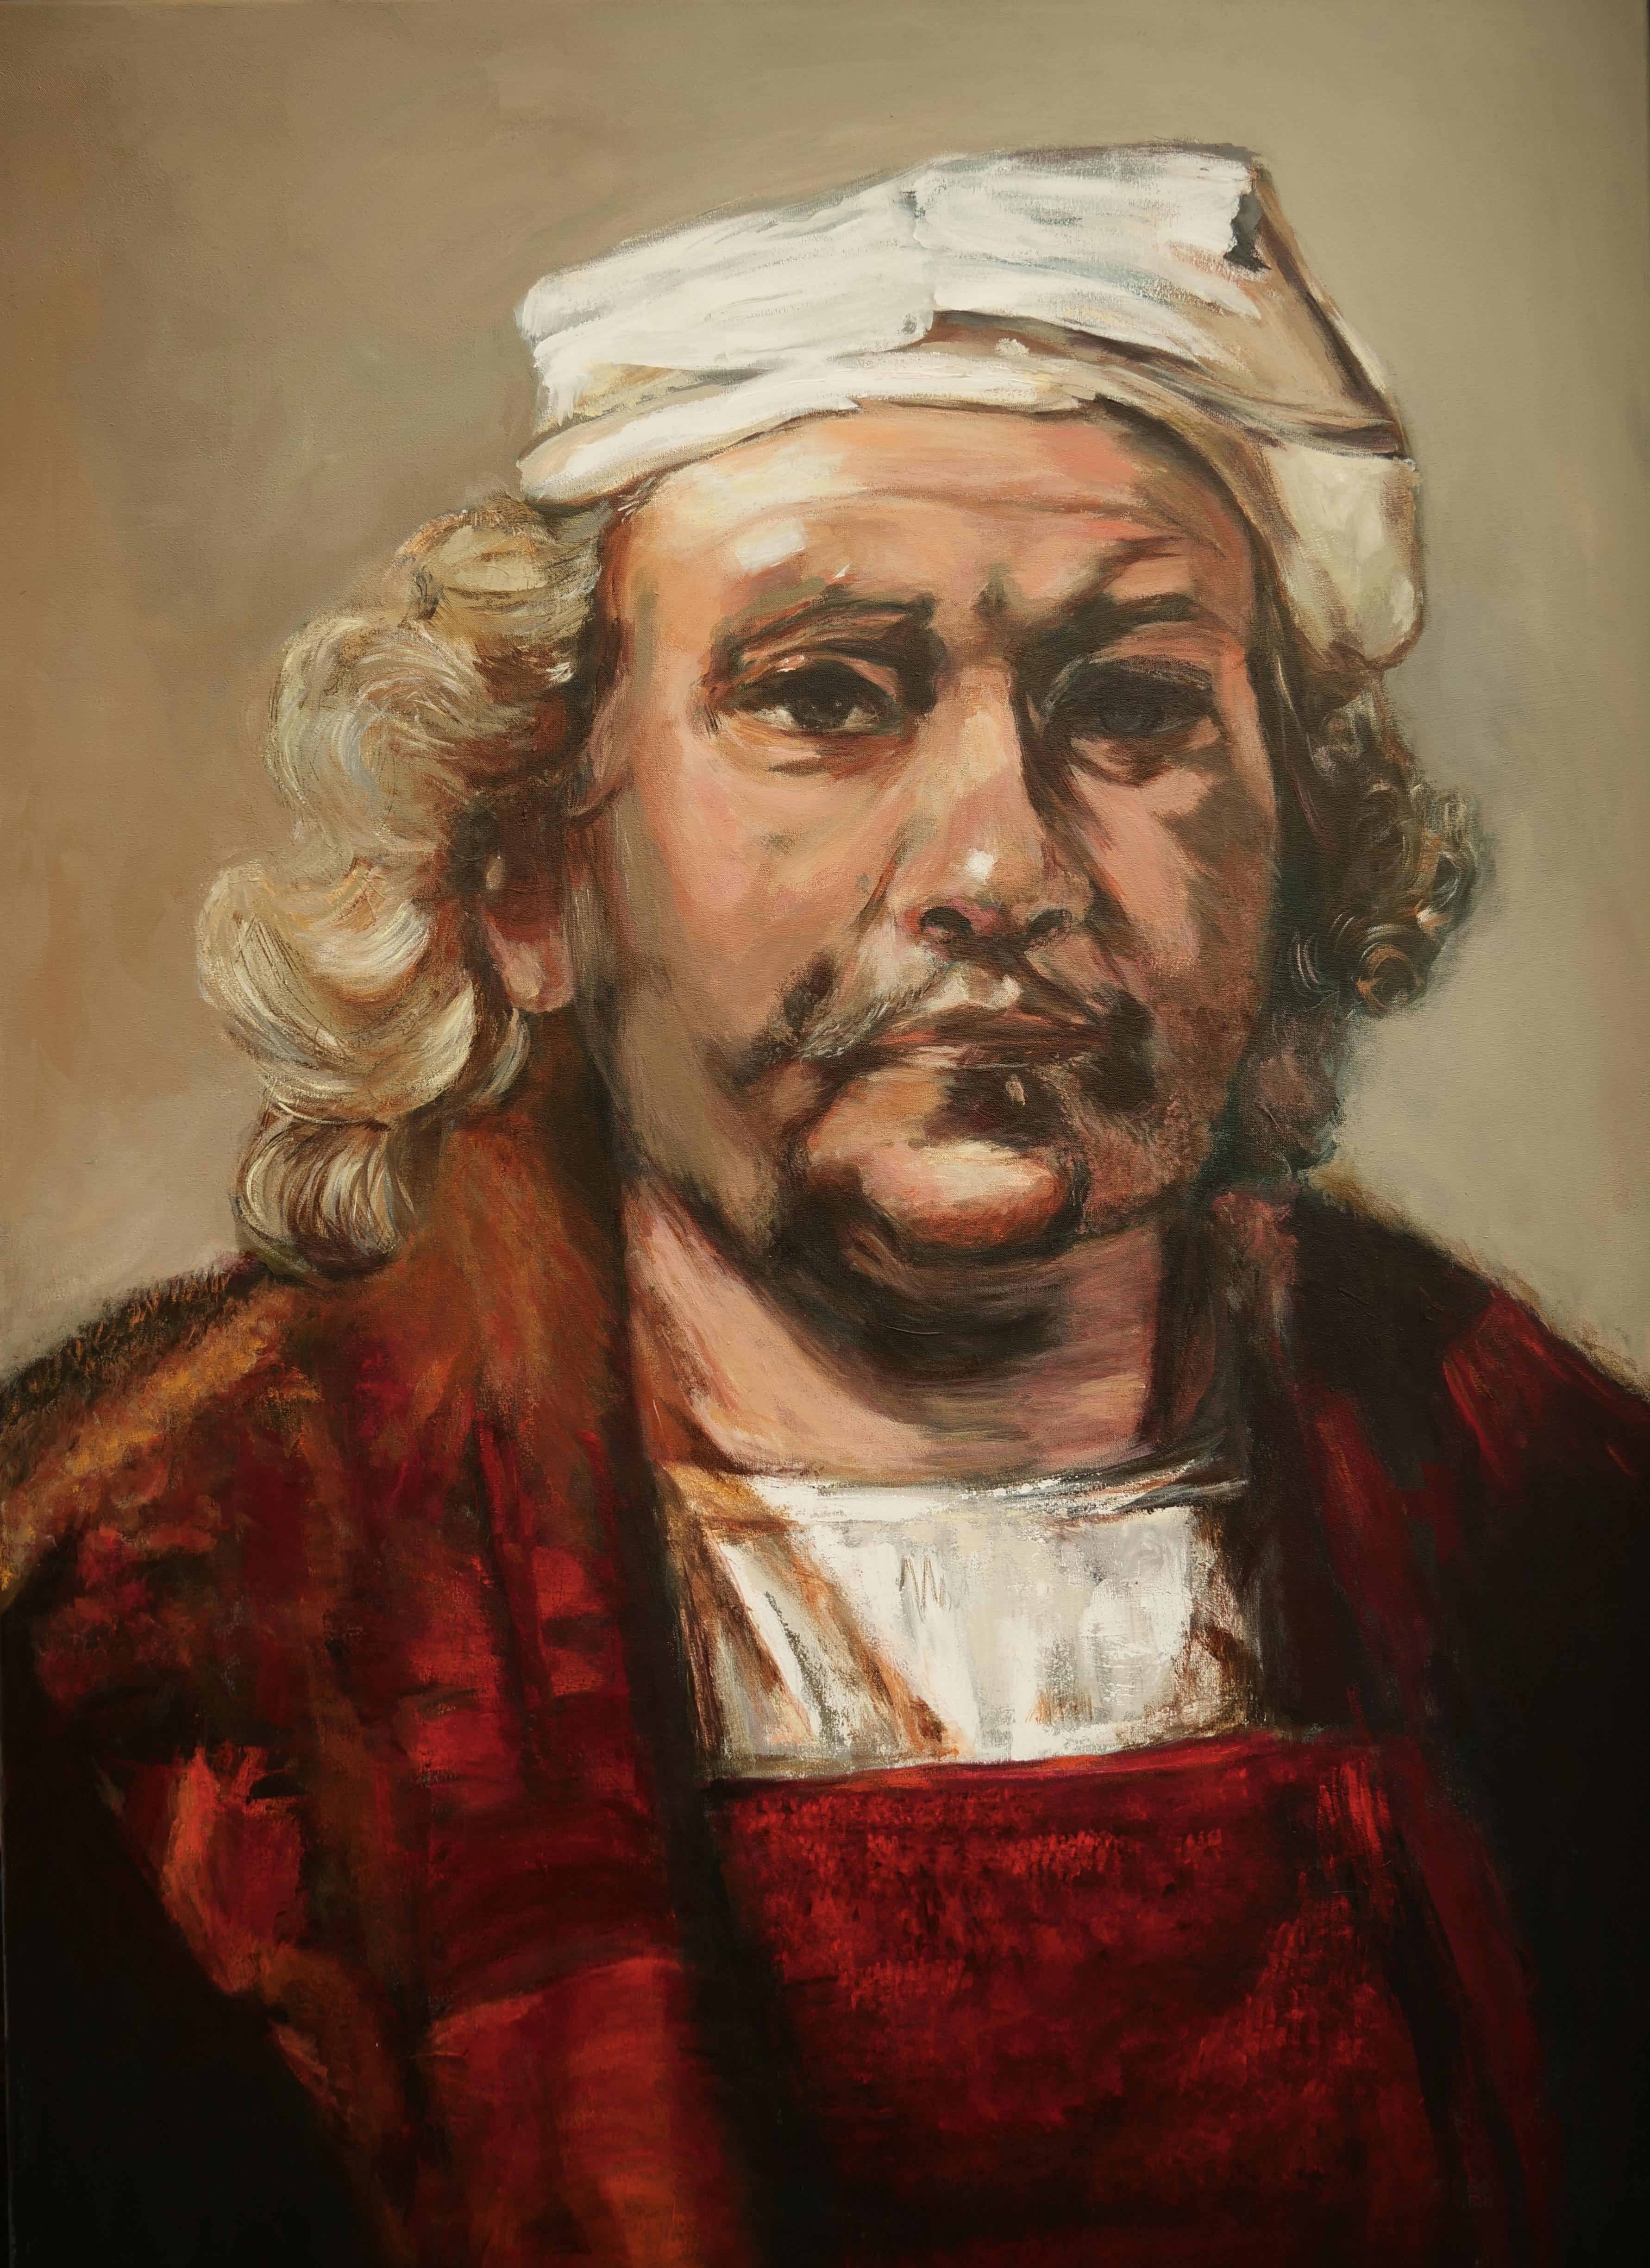 Zelfportret Rembrandt 70 x 100 met acryl